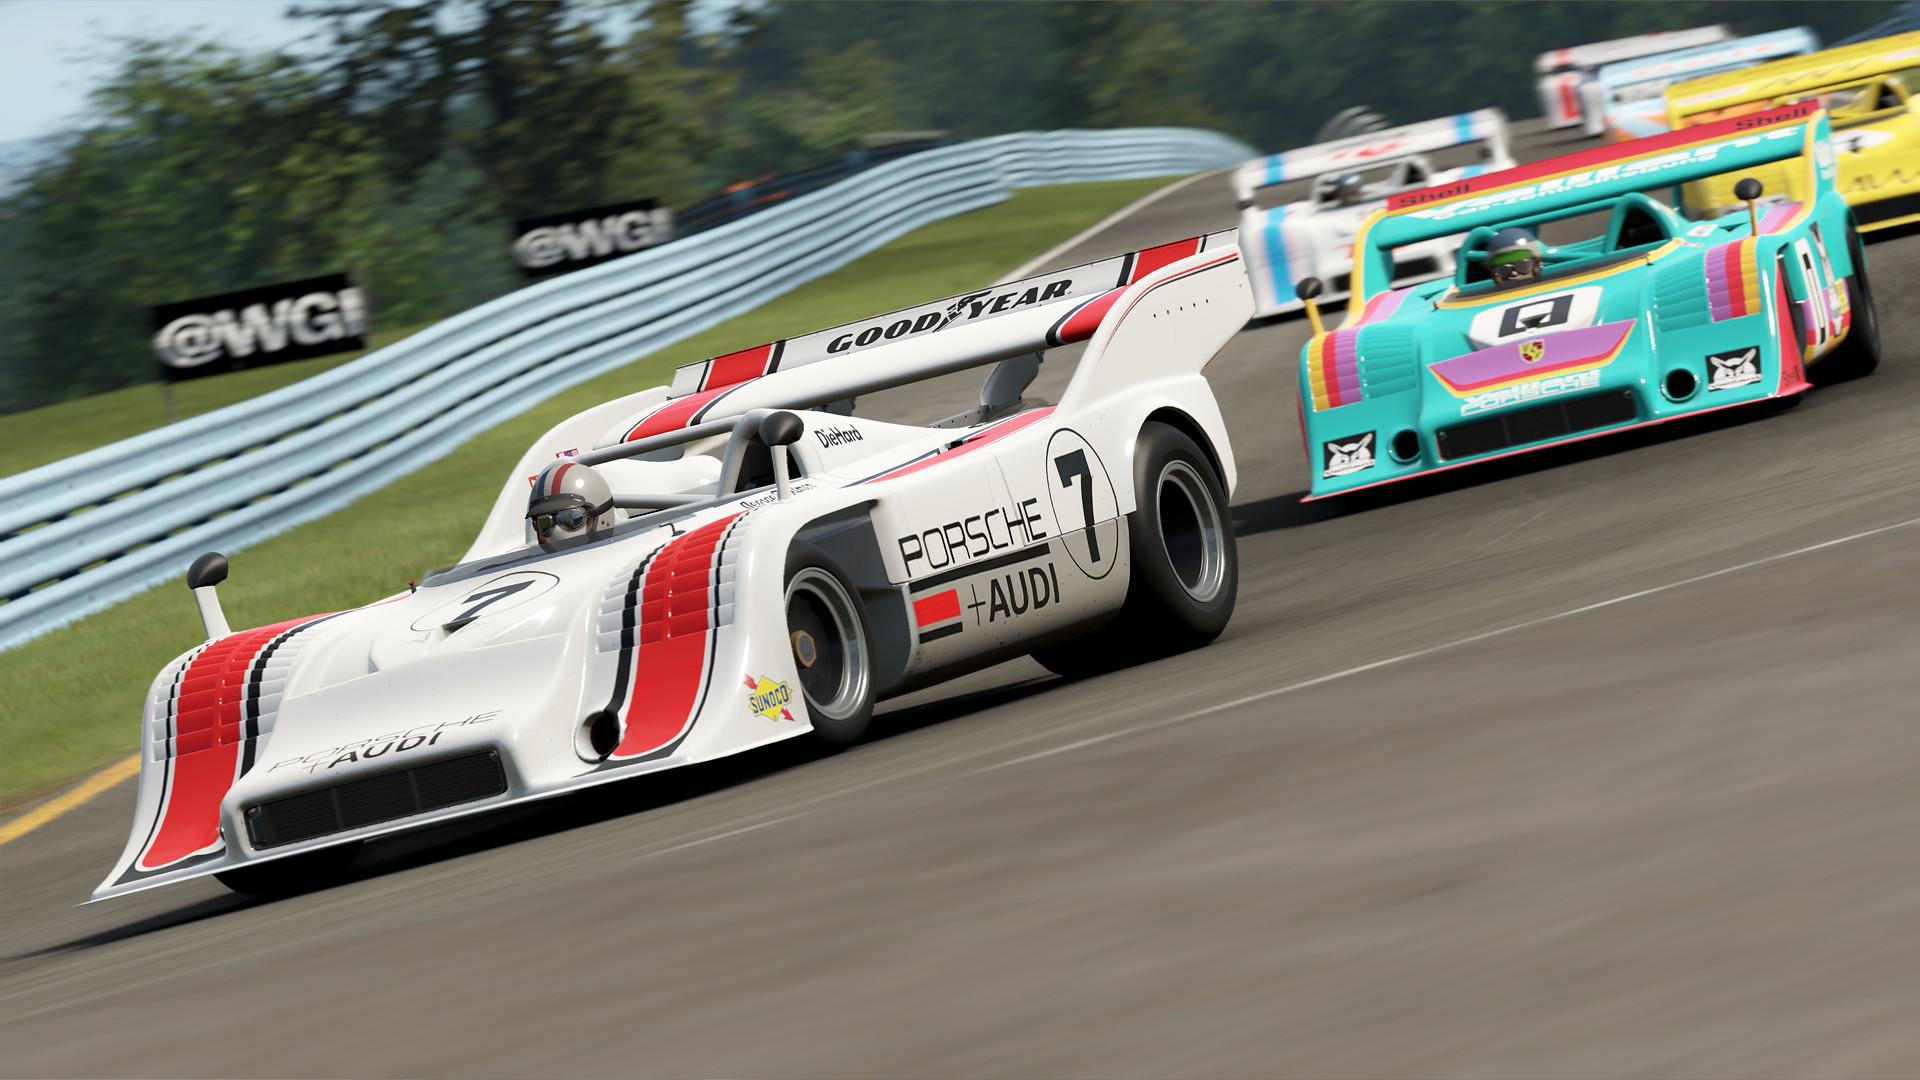 Project-CARS-2-Porsche-Legends-Pack-Porsche-917-10